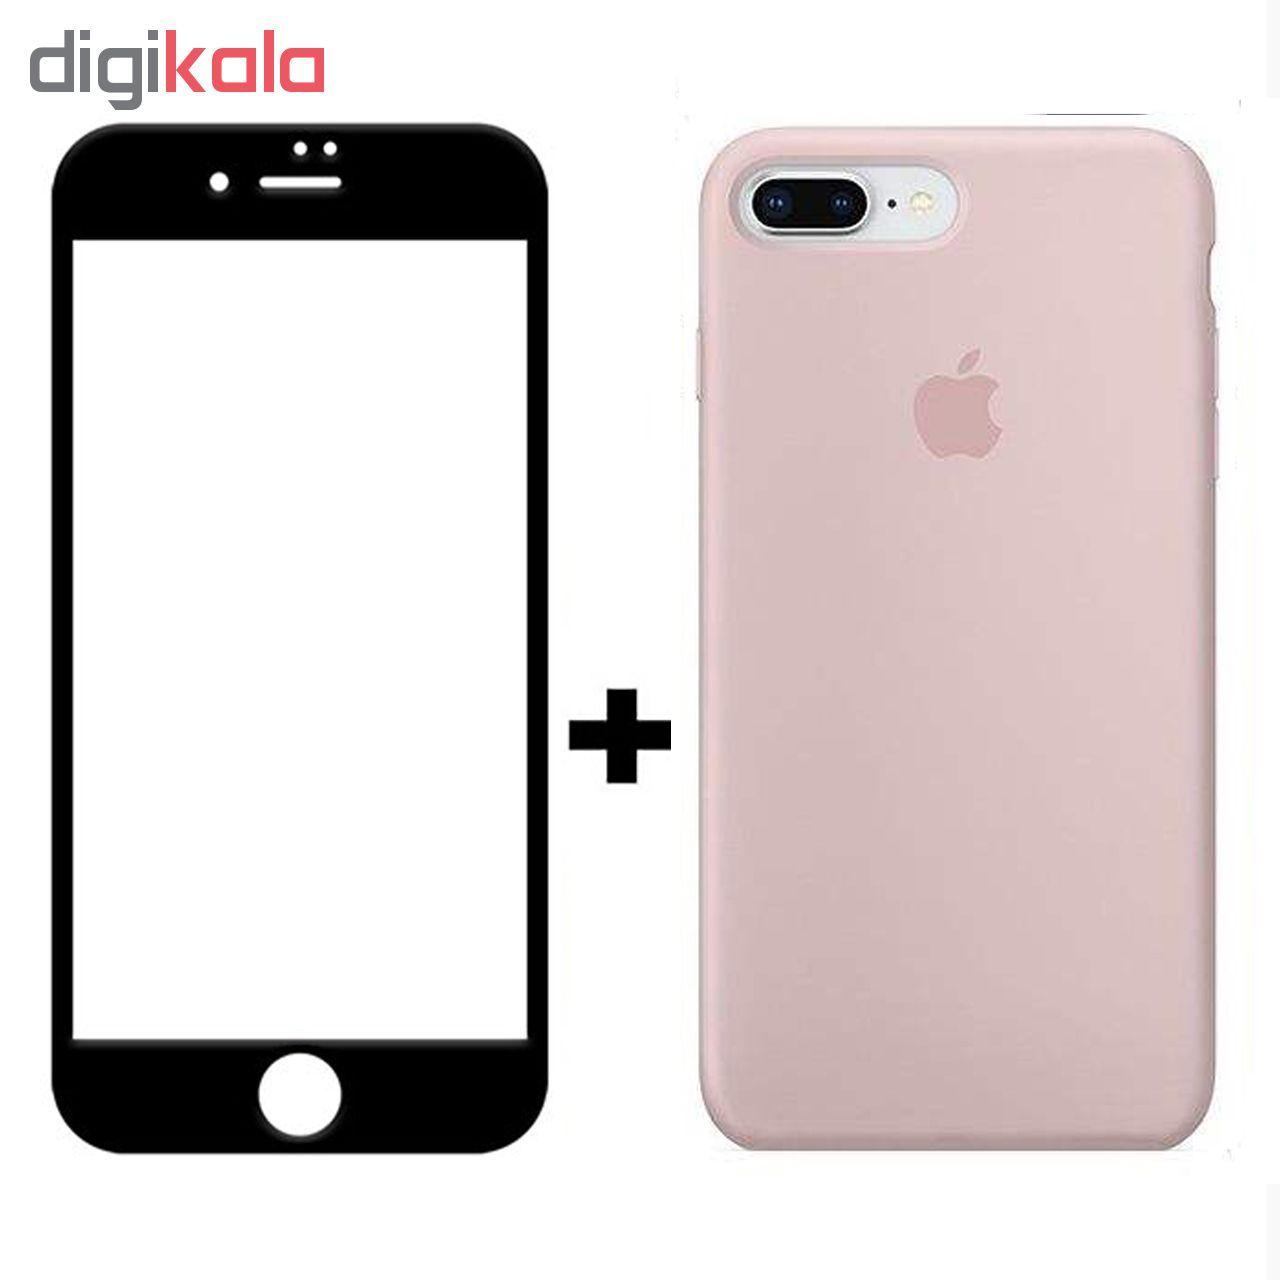 کاور سیلیکونی مدل SlC مناسب برای گوشی موبایل اپل آیفون 6/6s  به همراه محافظ صفحه نمایش 5D main 1 7